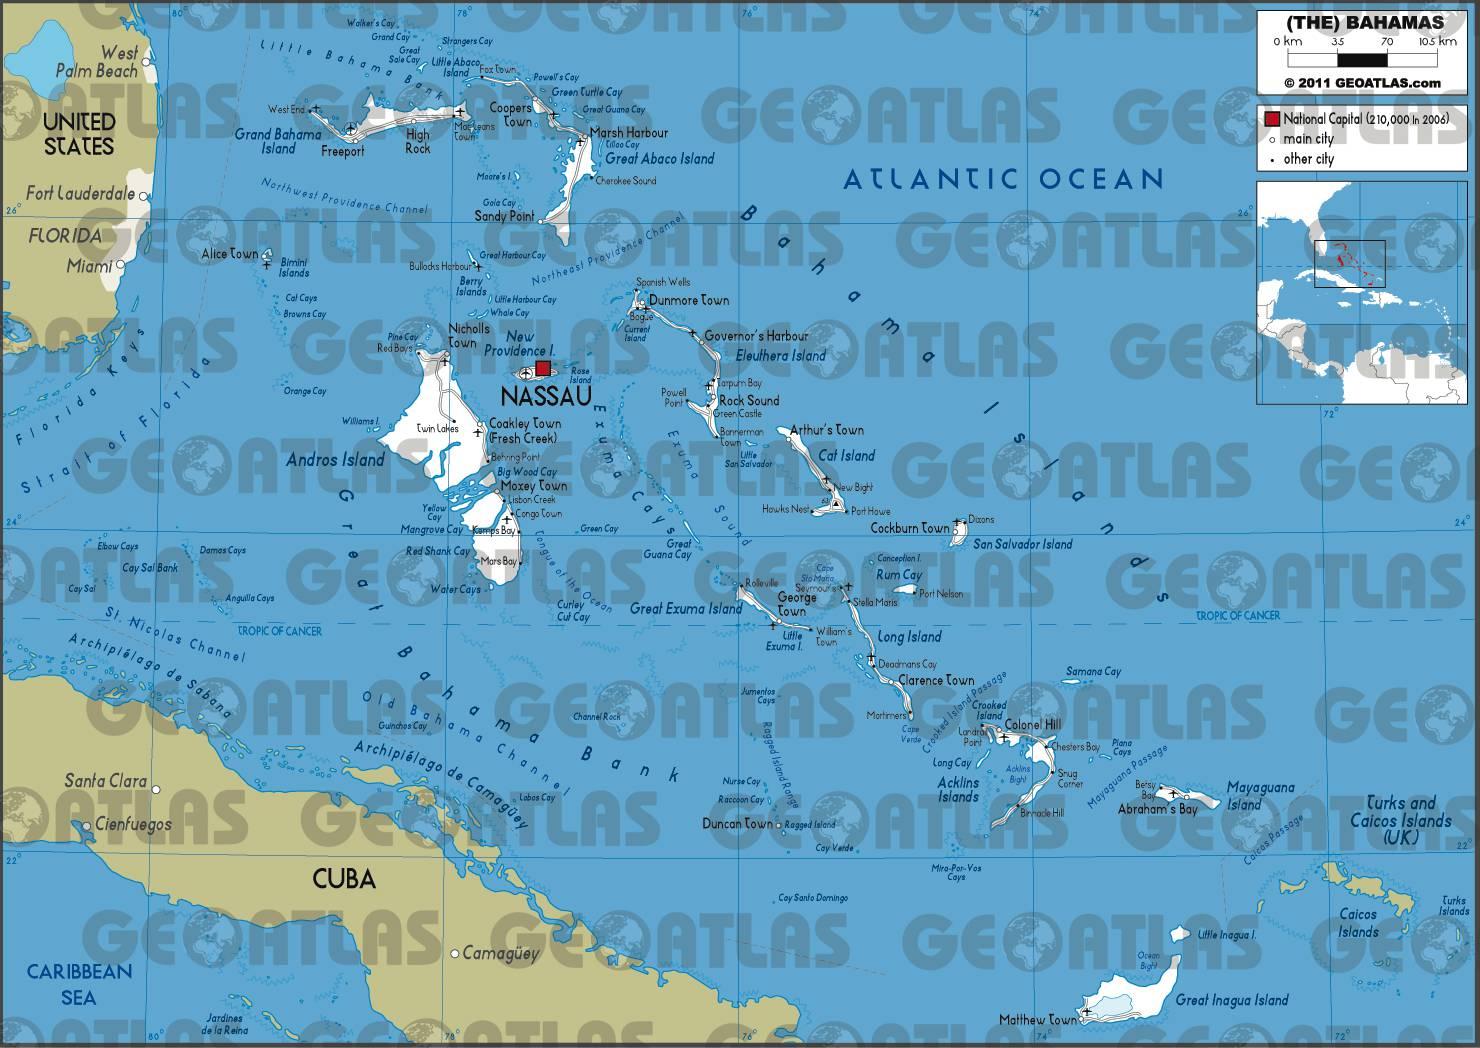 Carte routière des Bahamas